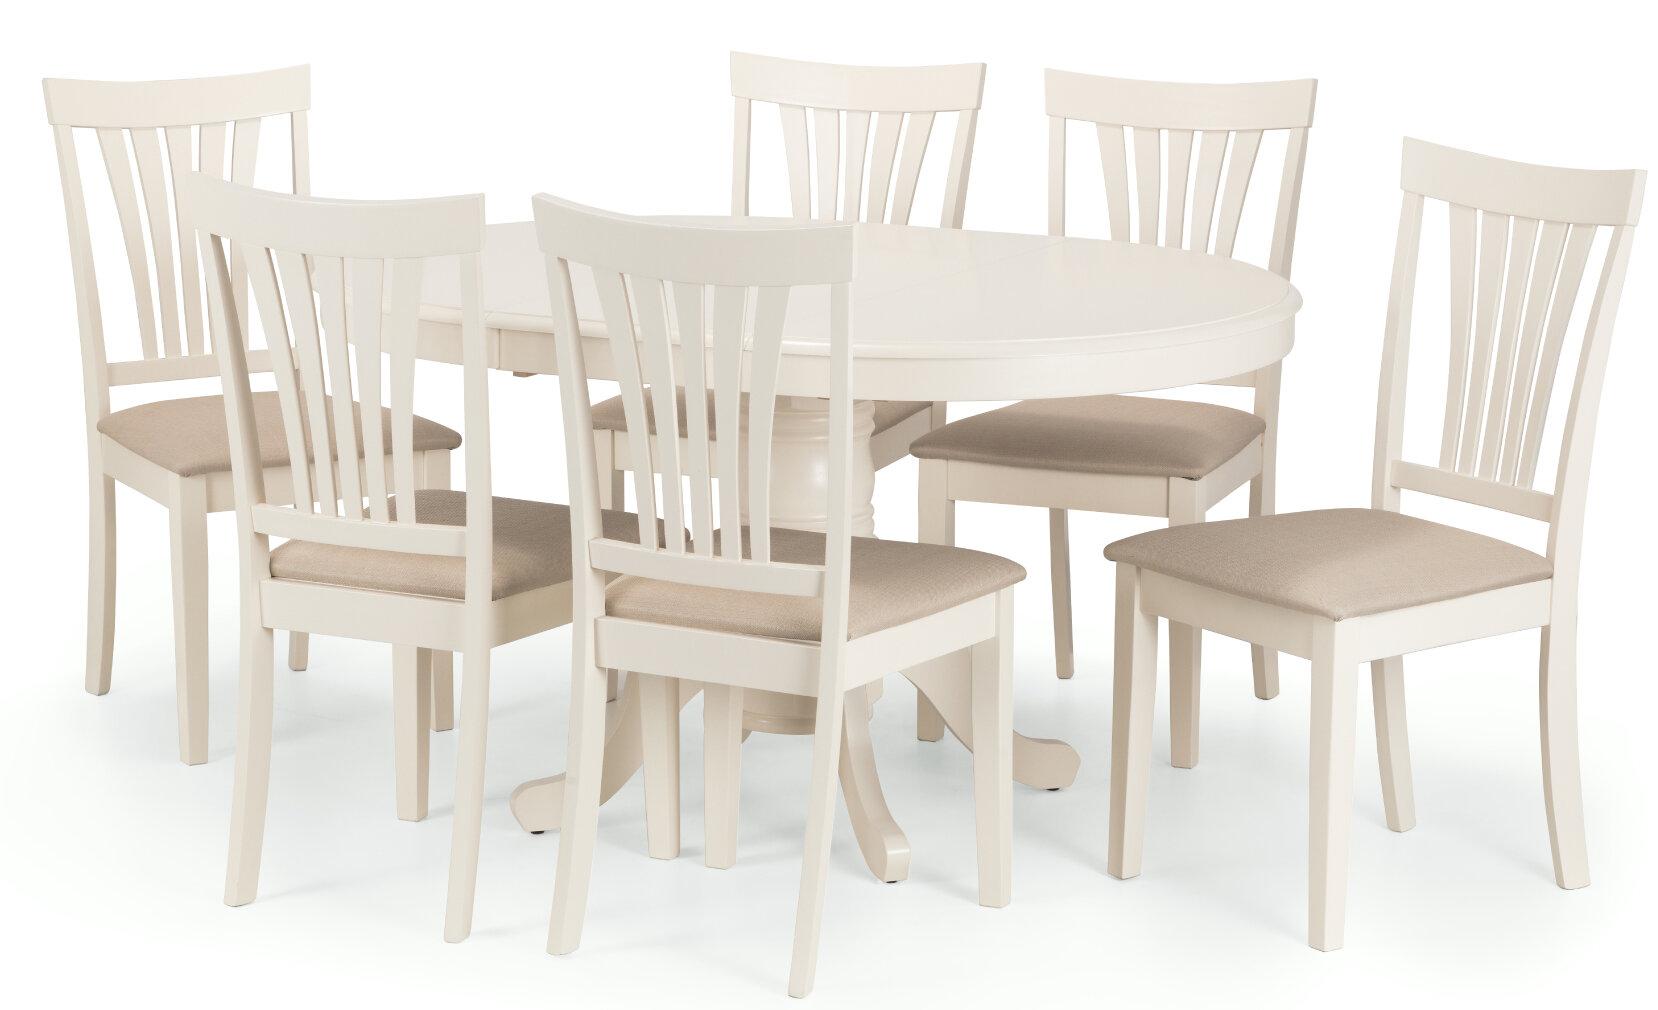 Brambly Cottage Essgruppe Holmes Mit Ausziehbarem Tisch Und 4